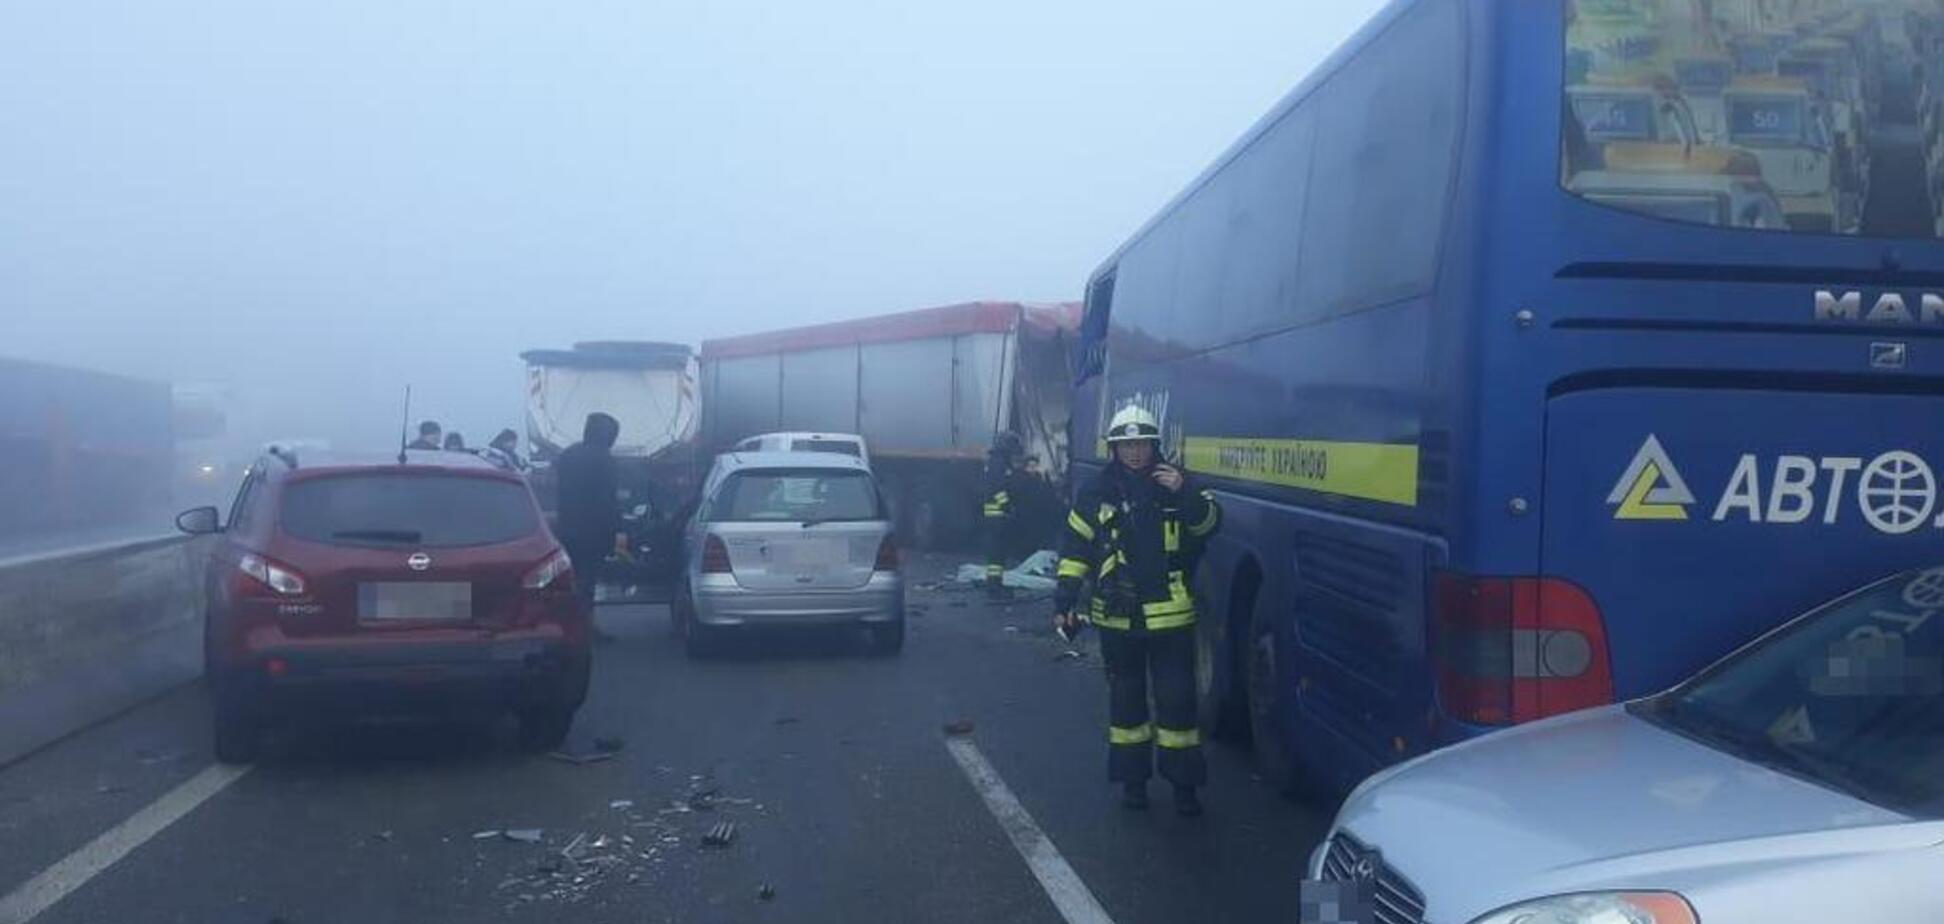 Автобус із людьми та кілька авто потрапили у смертельну ДТП на Одещині